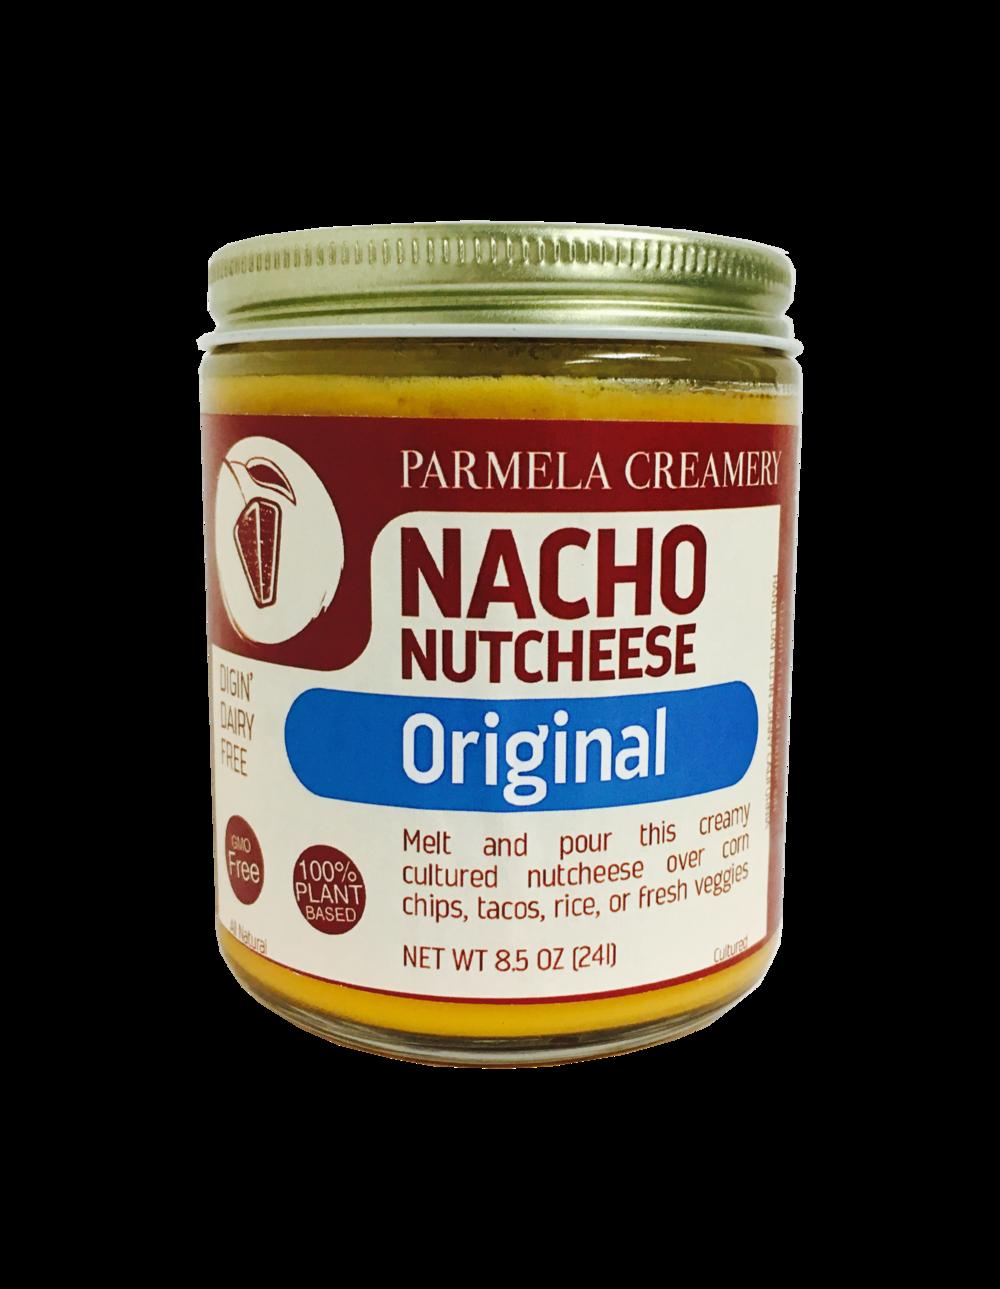 parmela-creamery-nacho-original.png